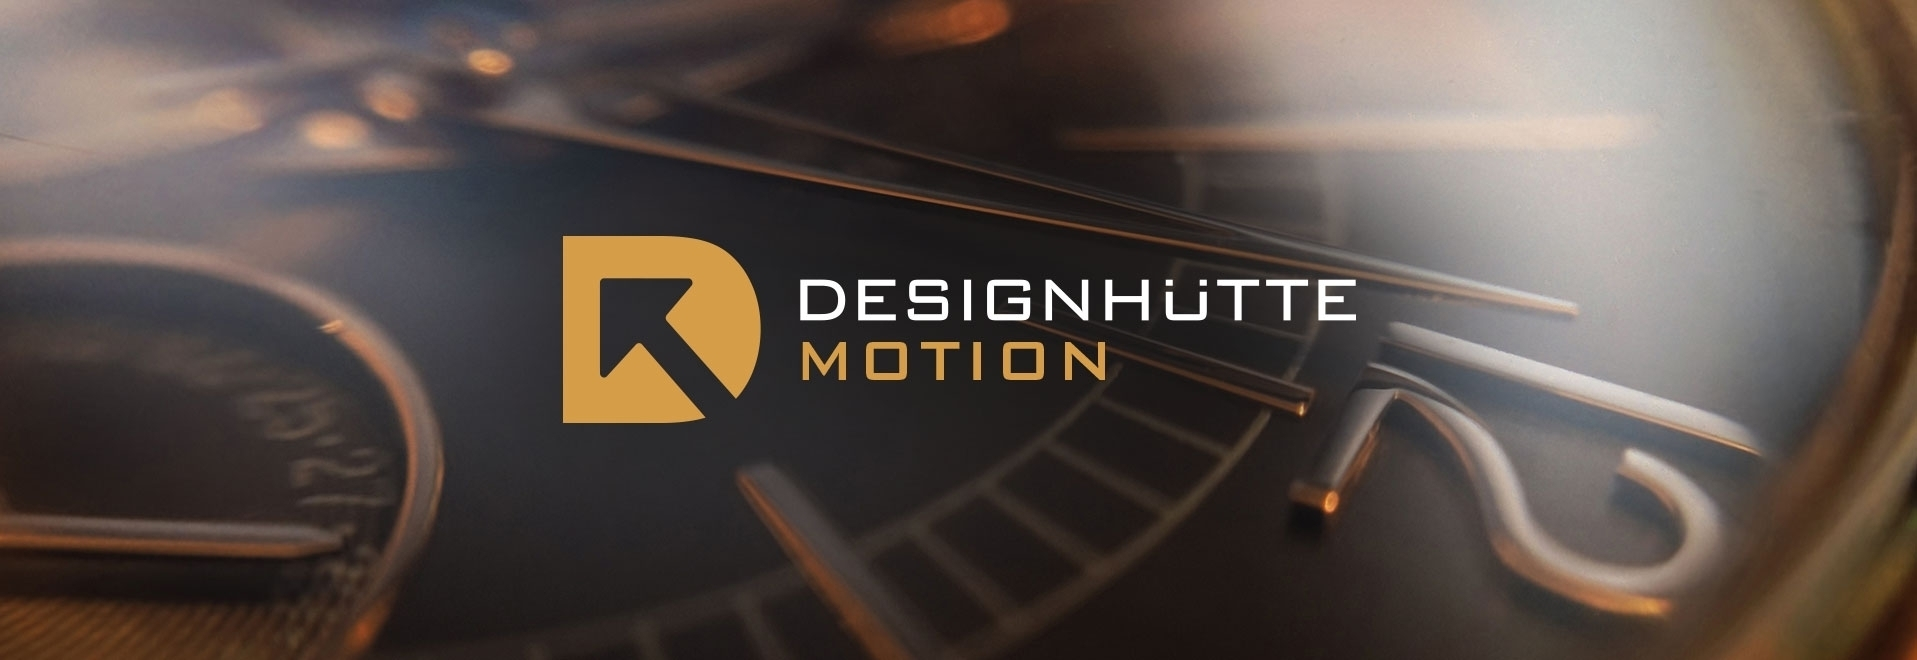 Designhütte Motion - Aktuelle Informationen